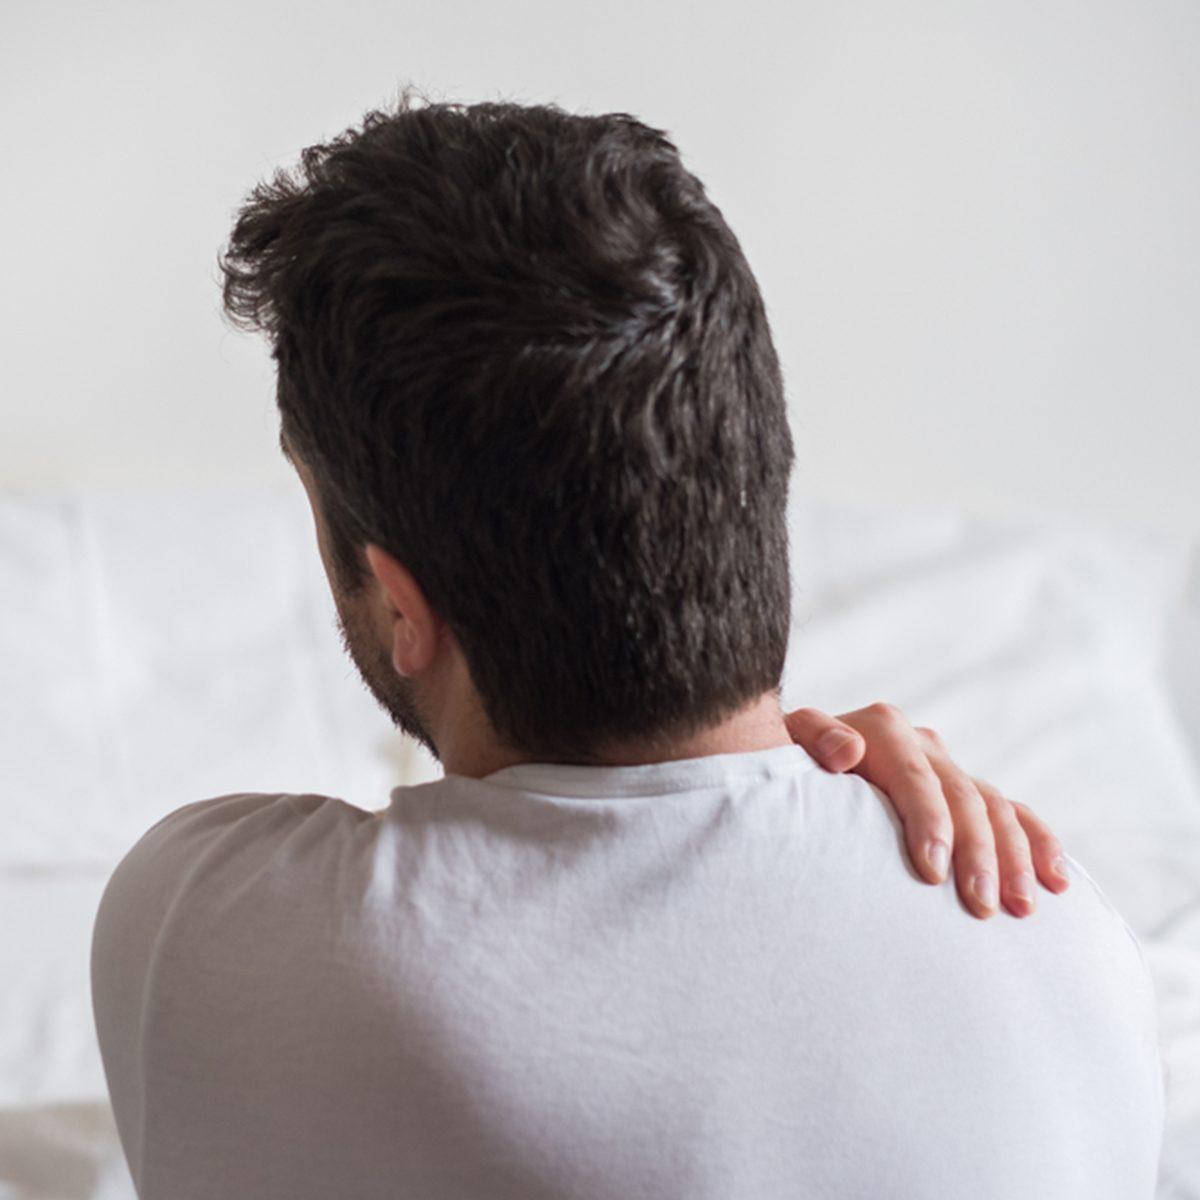 Man holding his shoulder